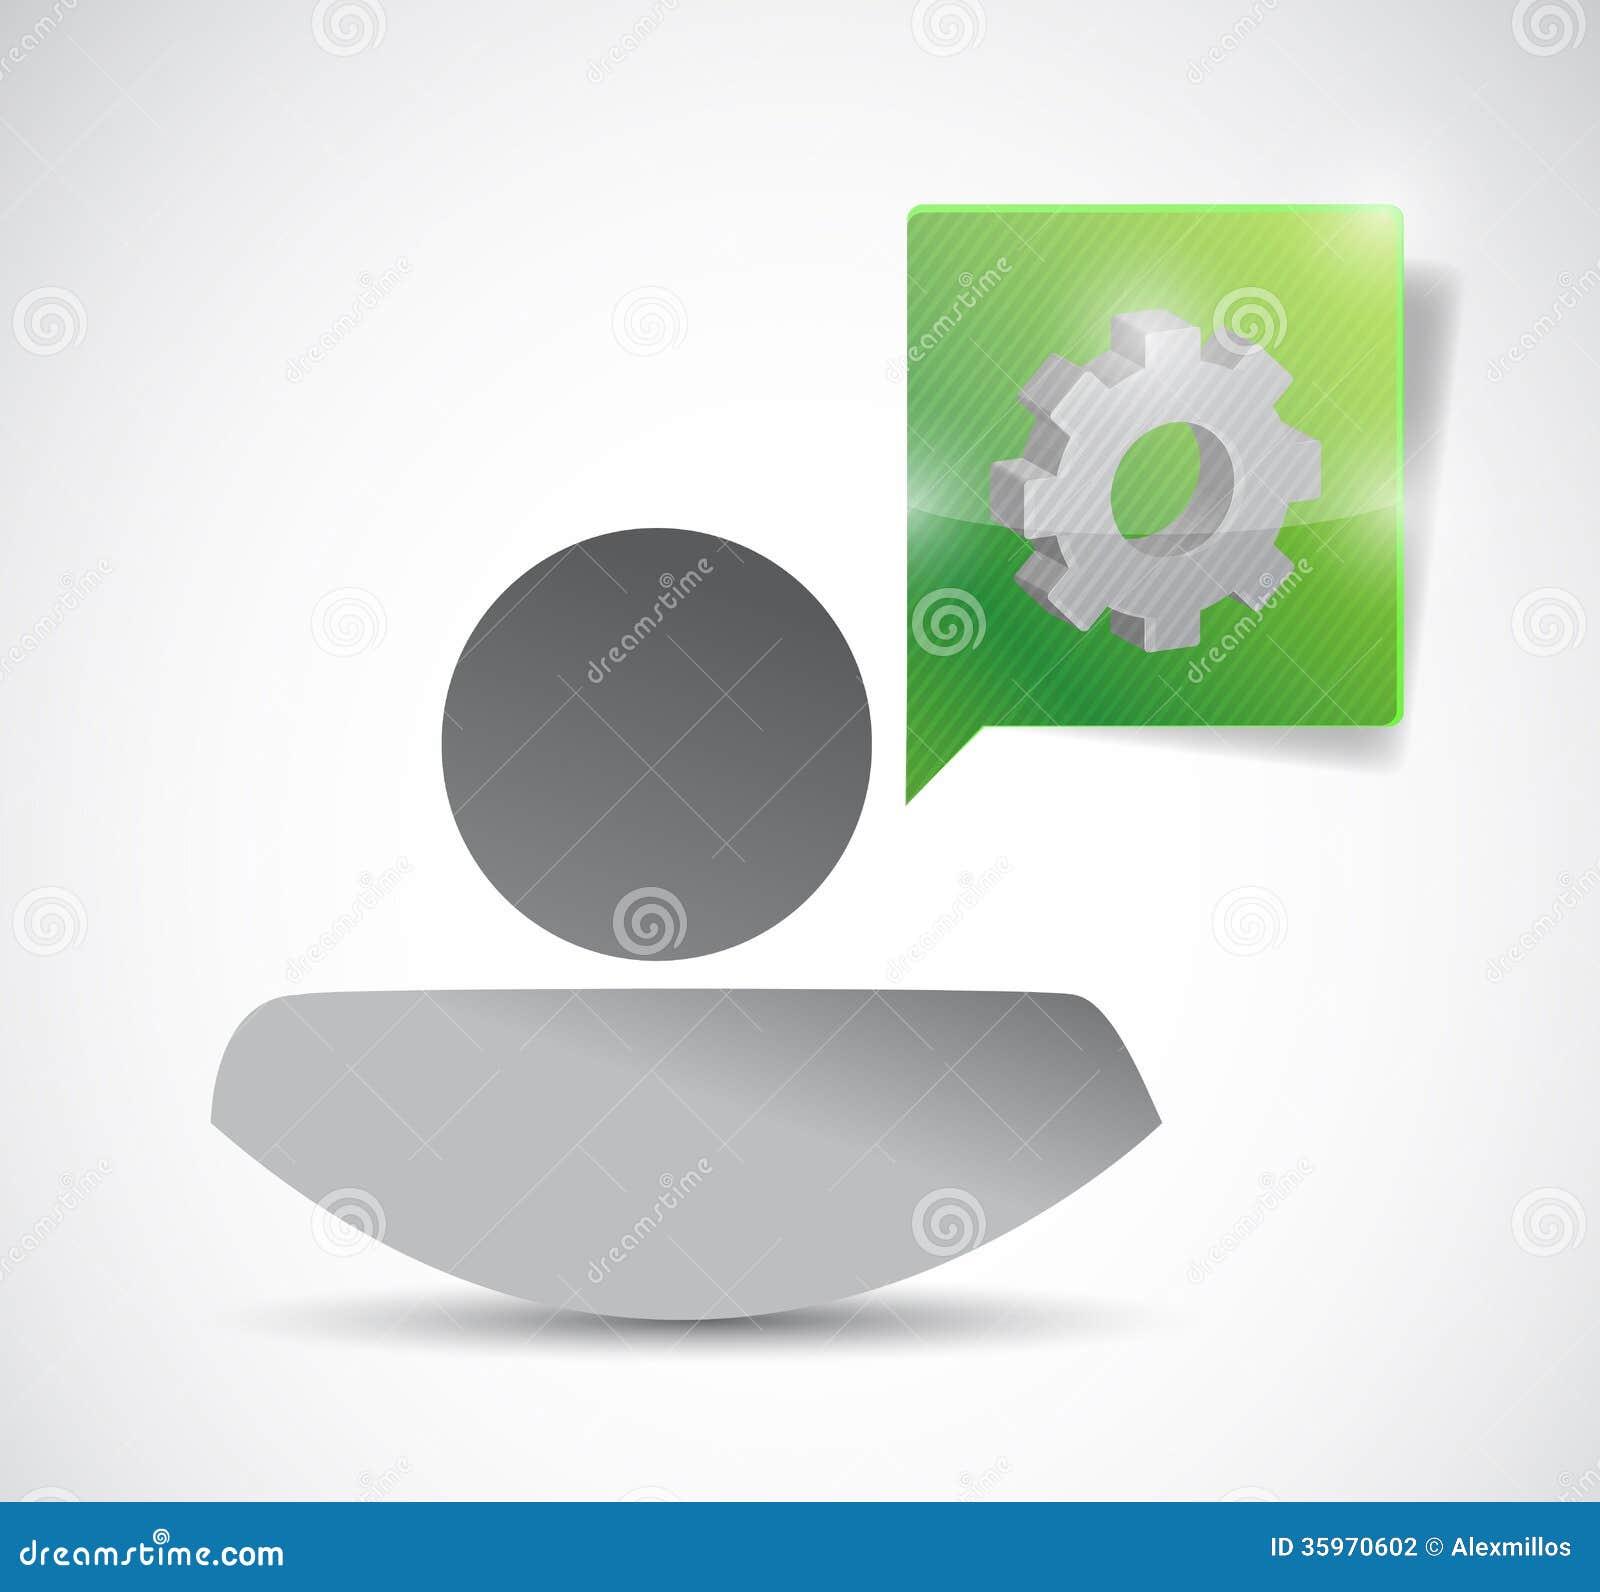 Icono y engranaje. diseño del ejemplo